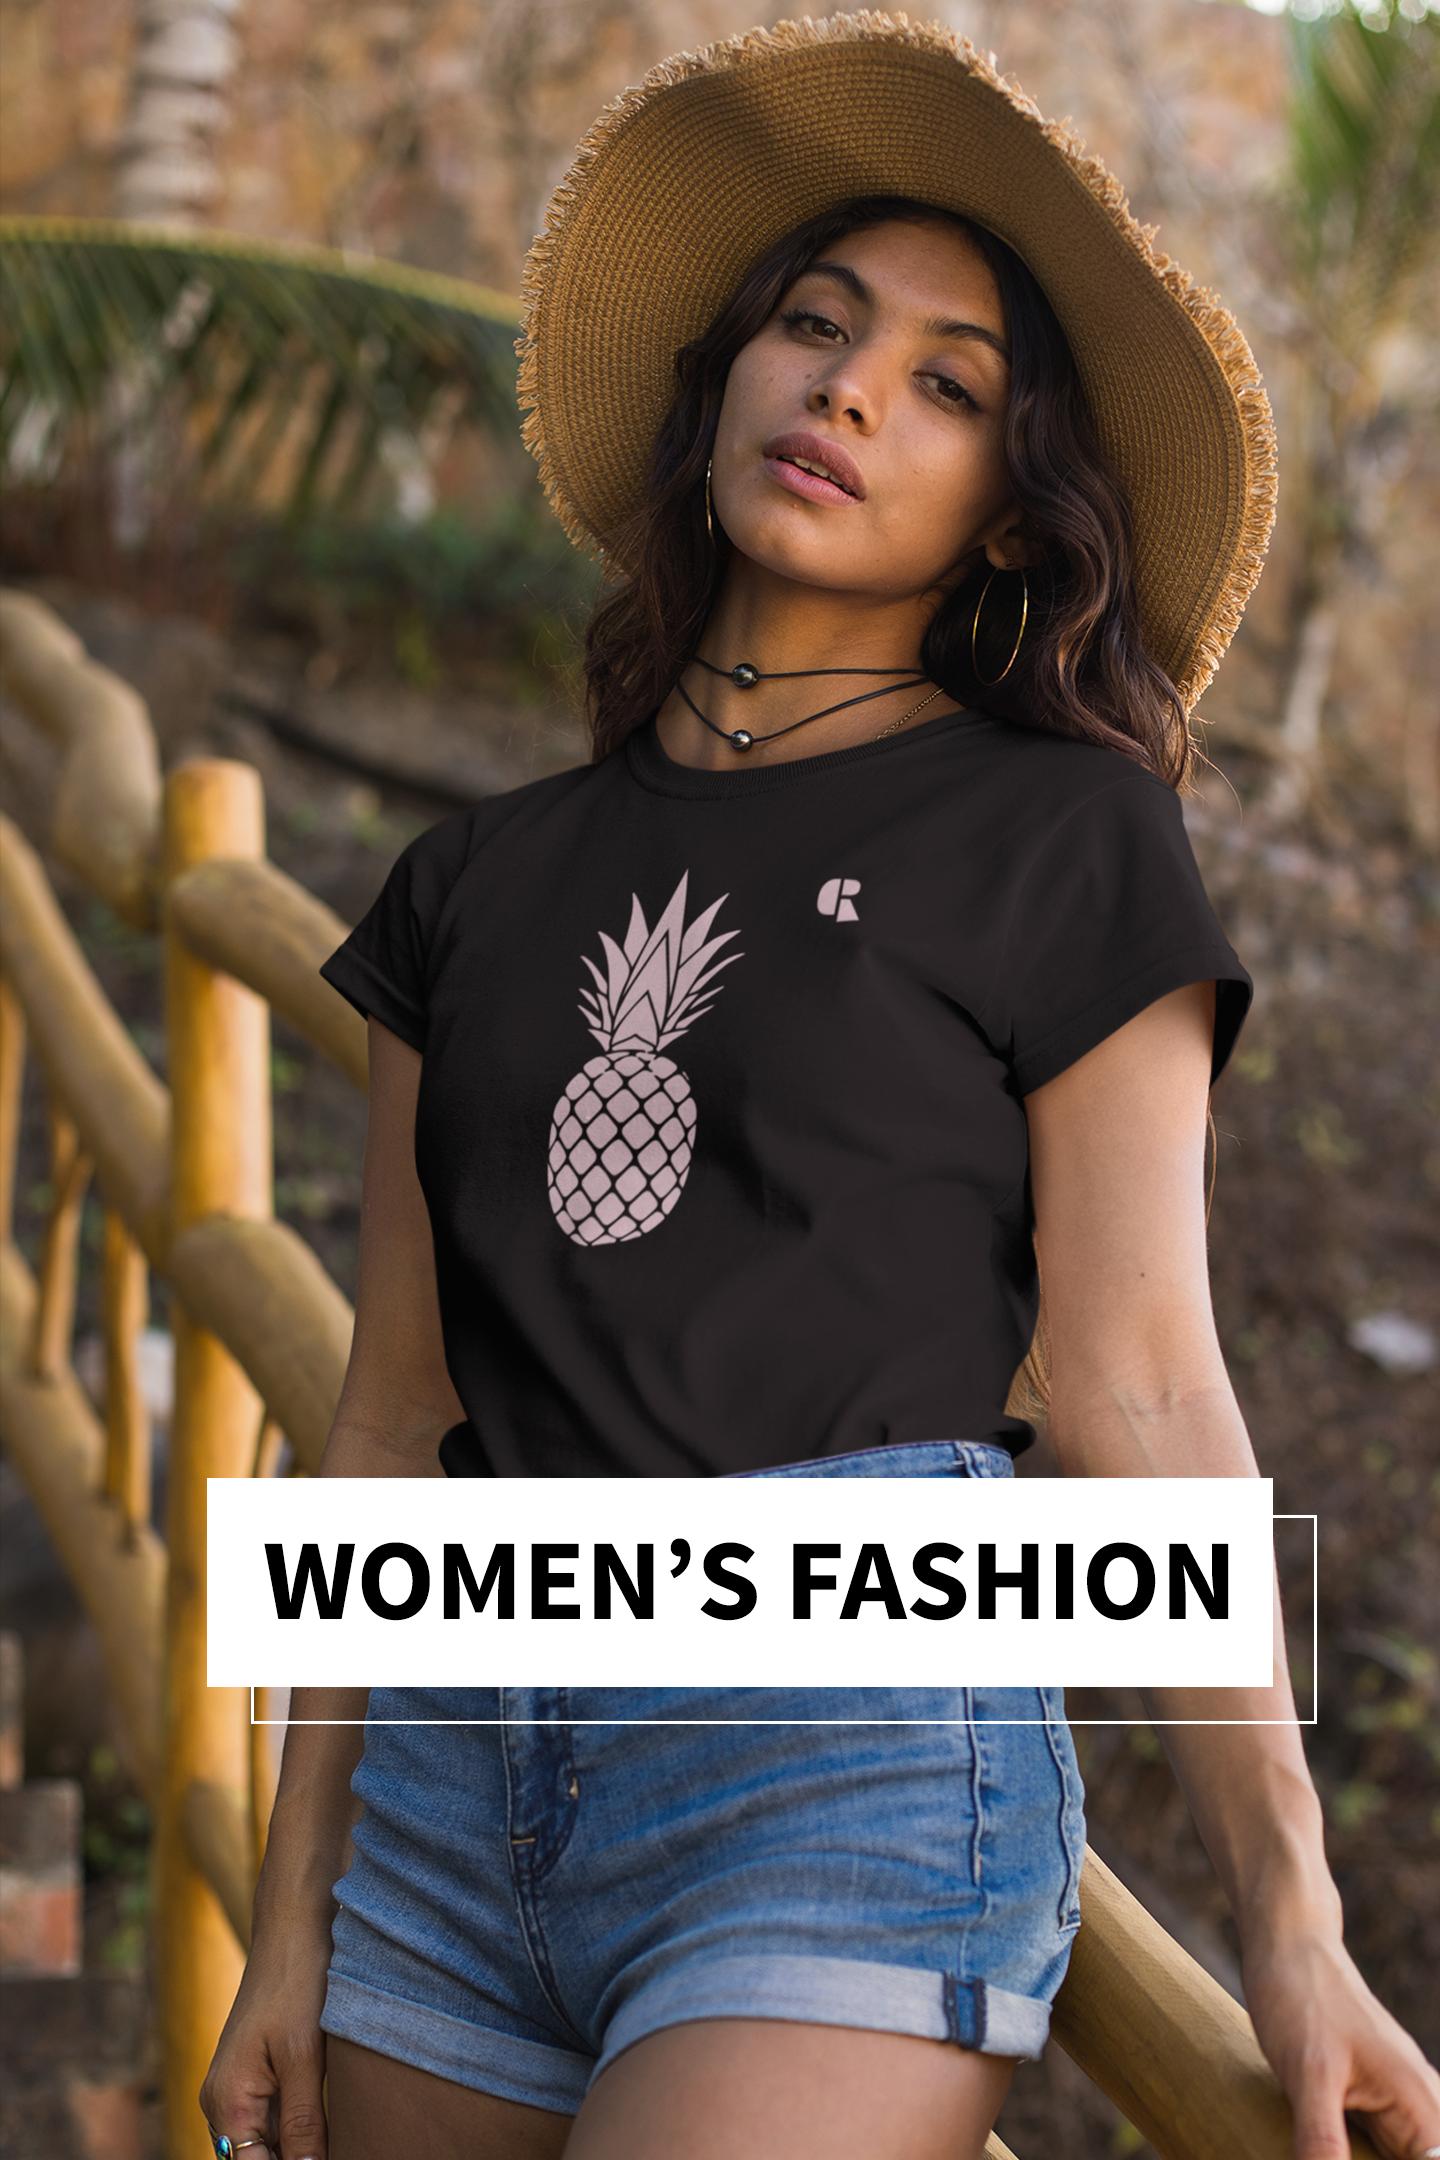 Devious Republic — Women's Fashion